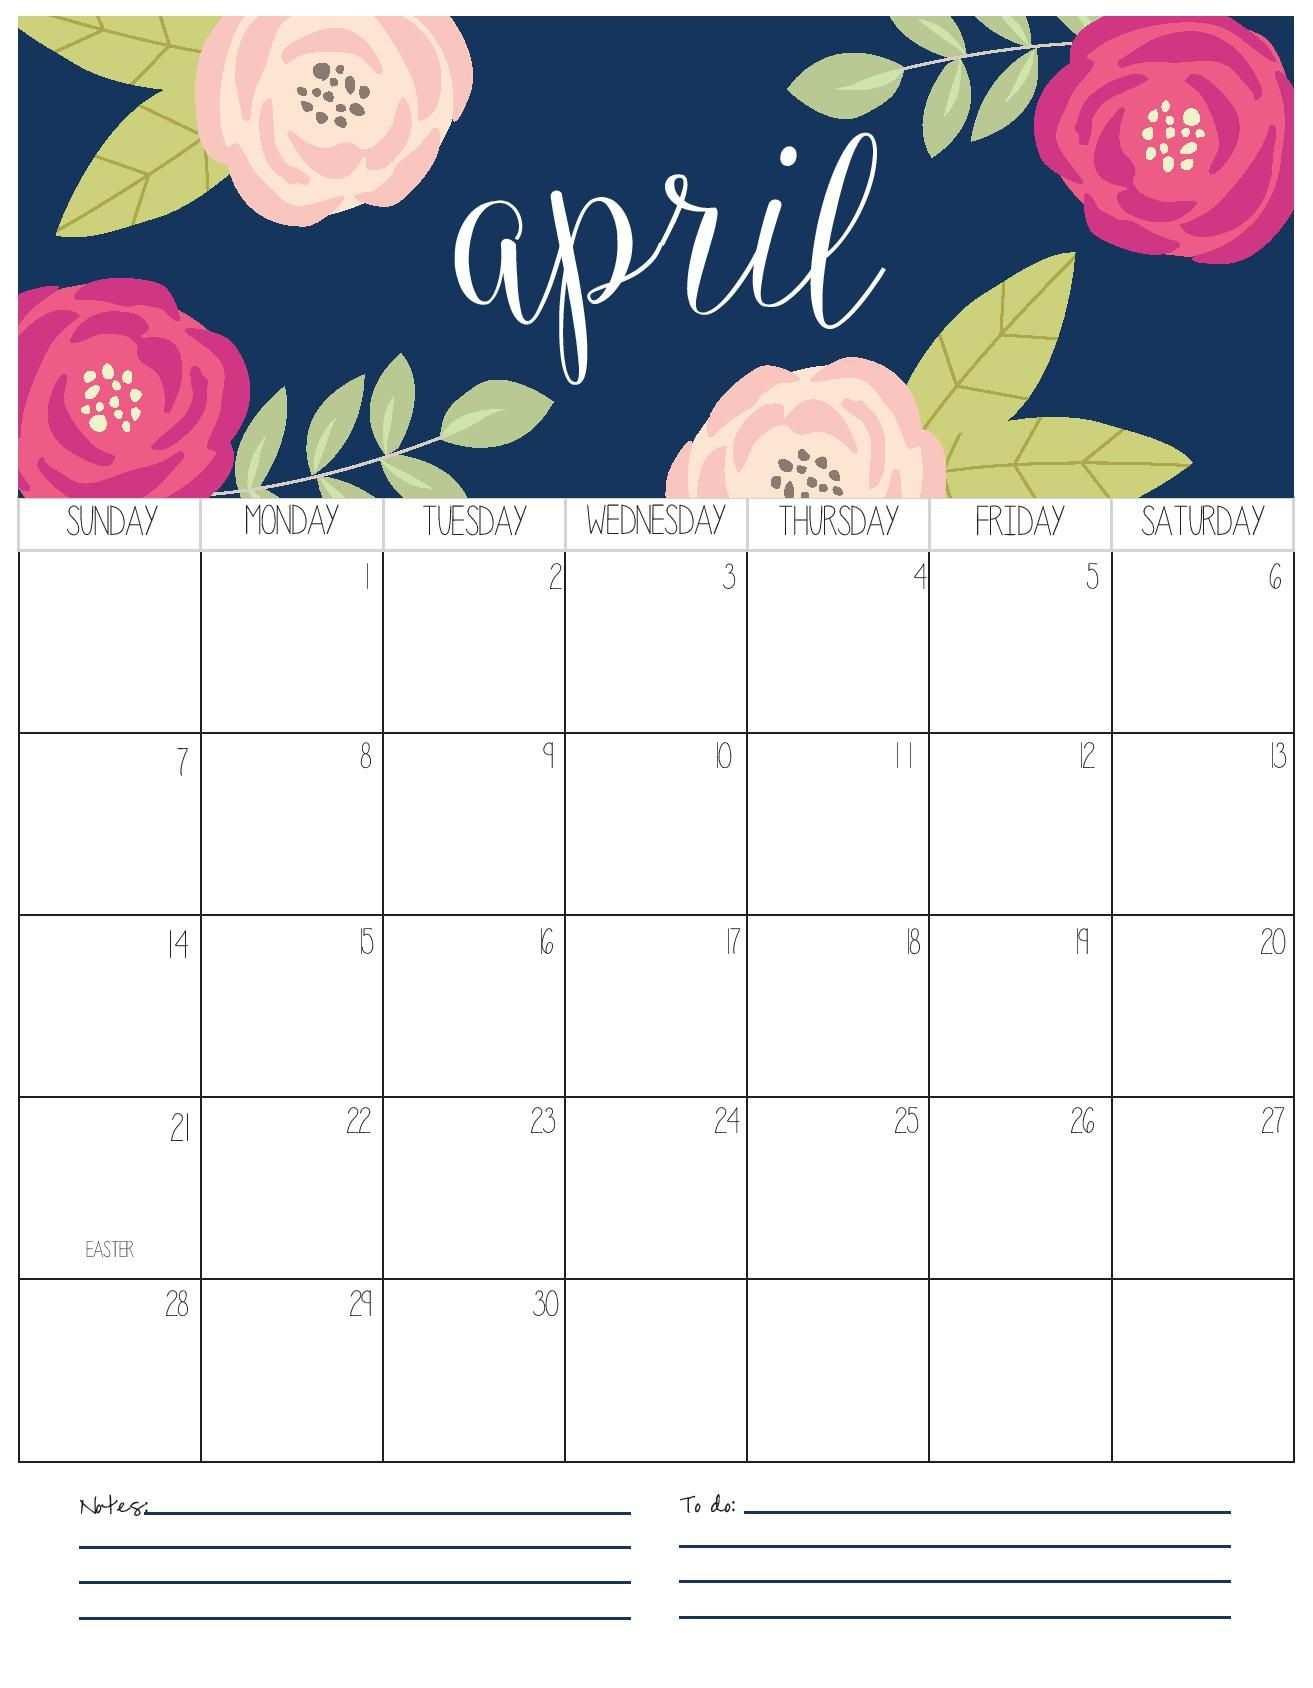 Tipss Und Vorlagen Kalender 2019 Zum Ausdrucken Fur Kinder Kalender Druckvorlagen Kalender 2019 Kalender